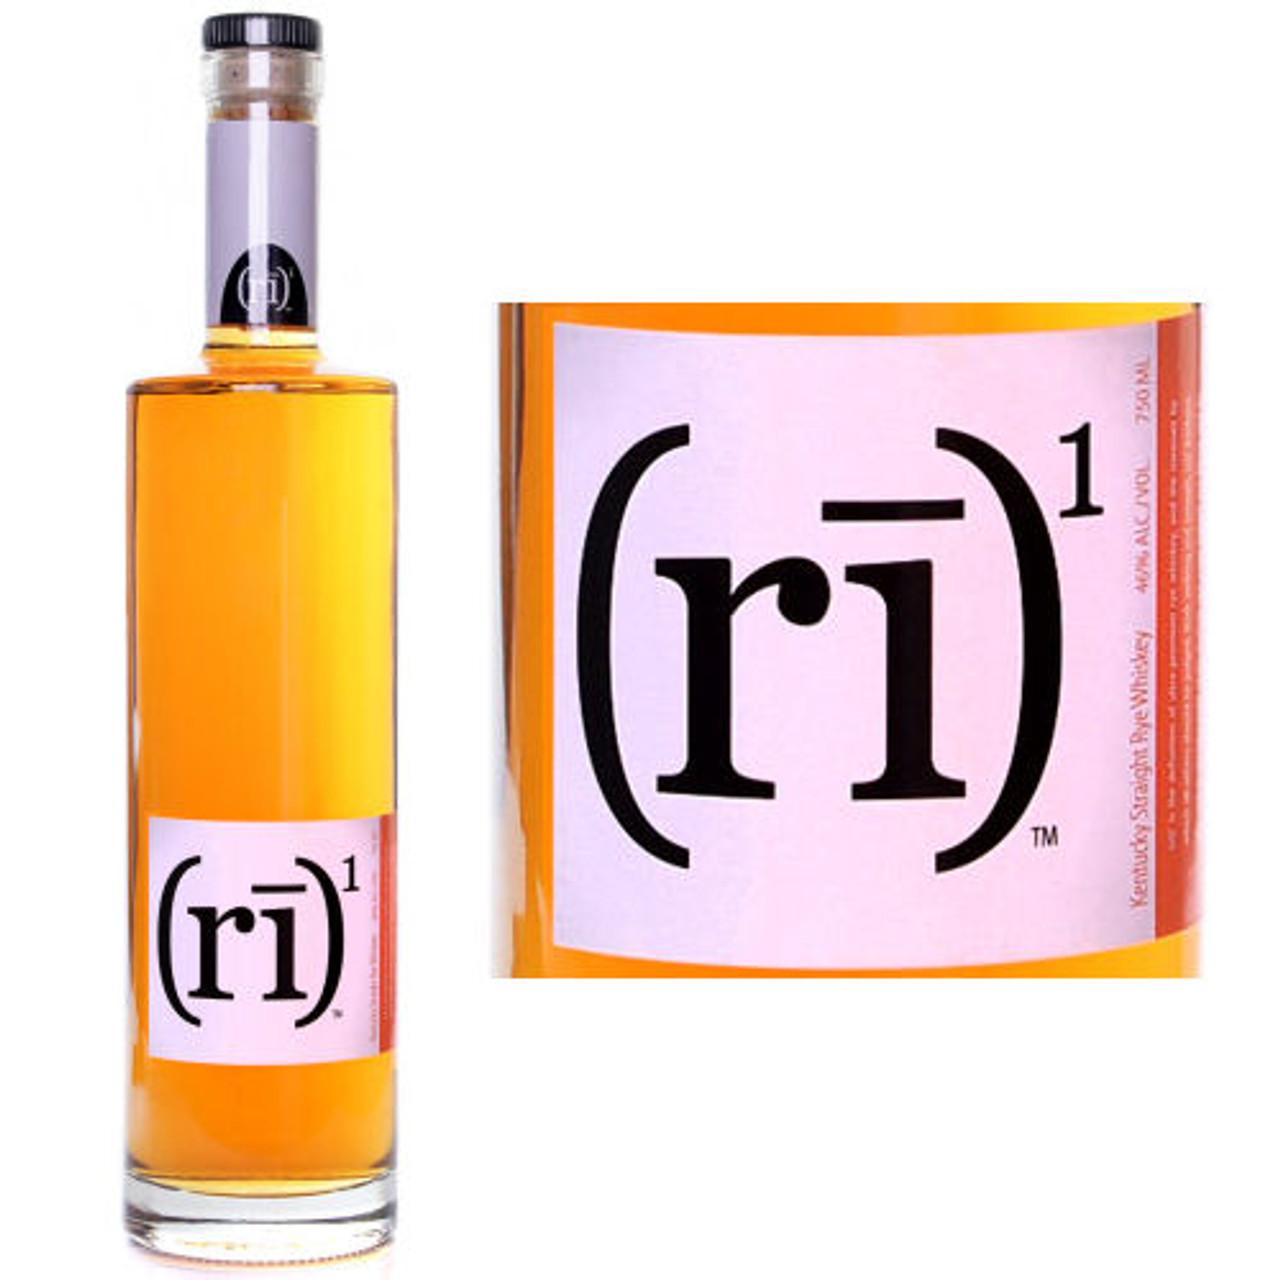 (RI)1 Sraight Rye Whiskey 750ml